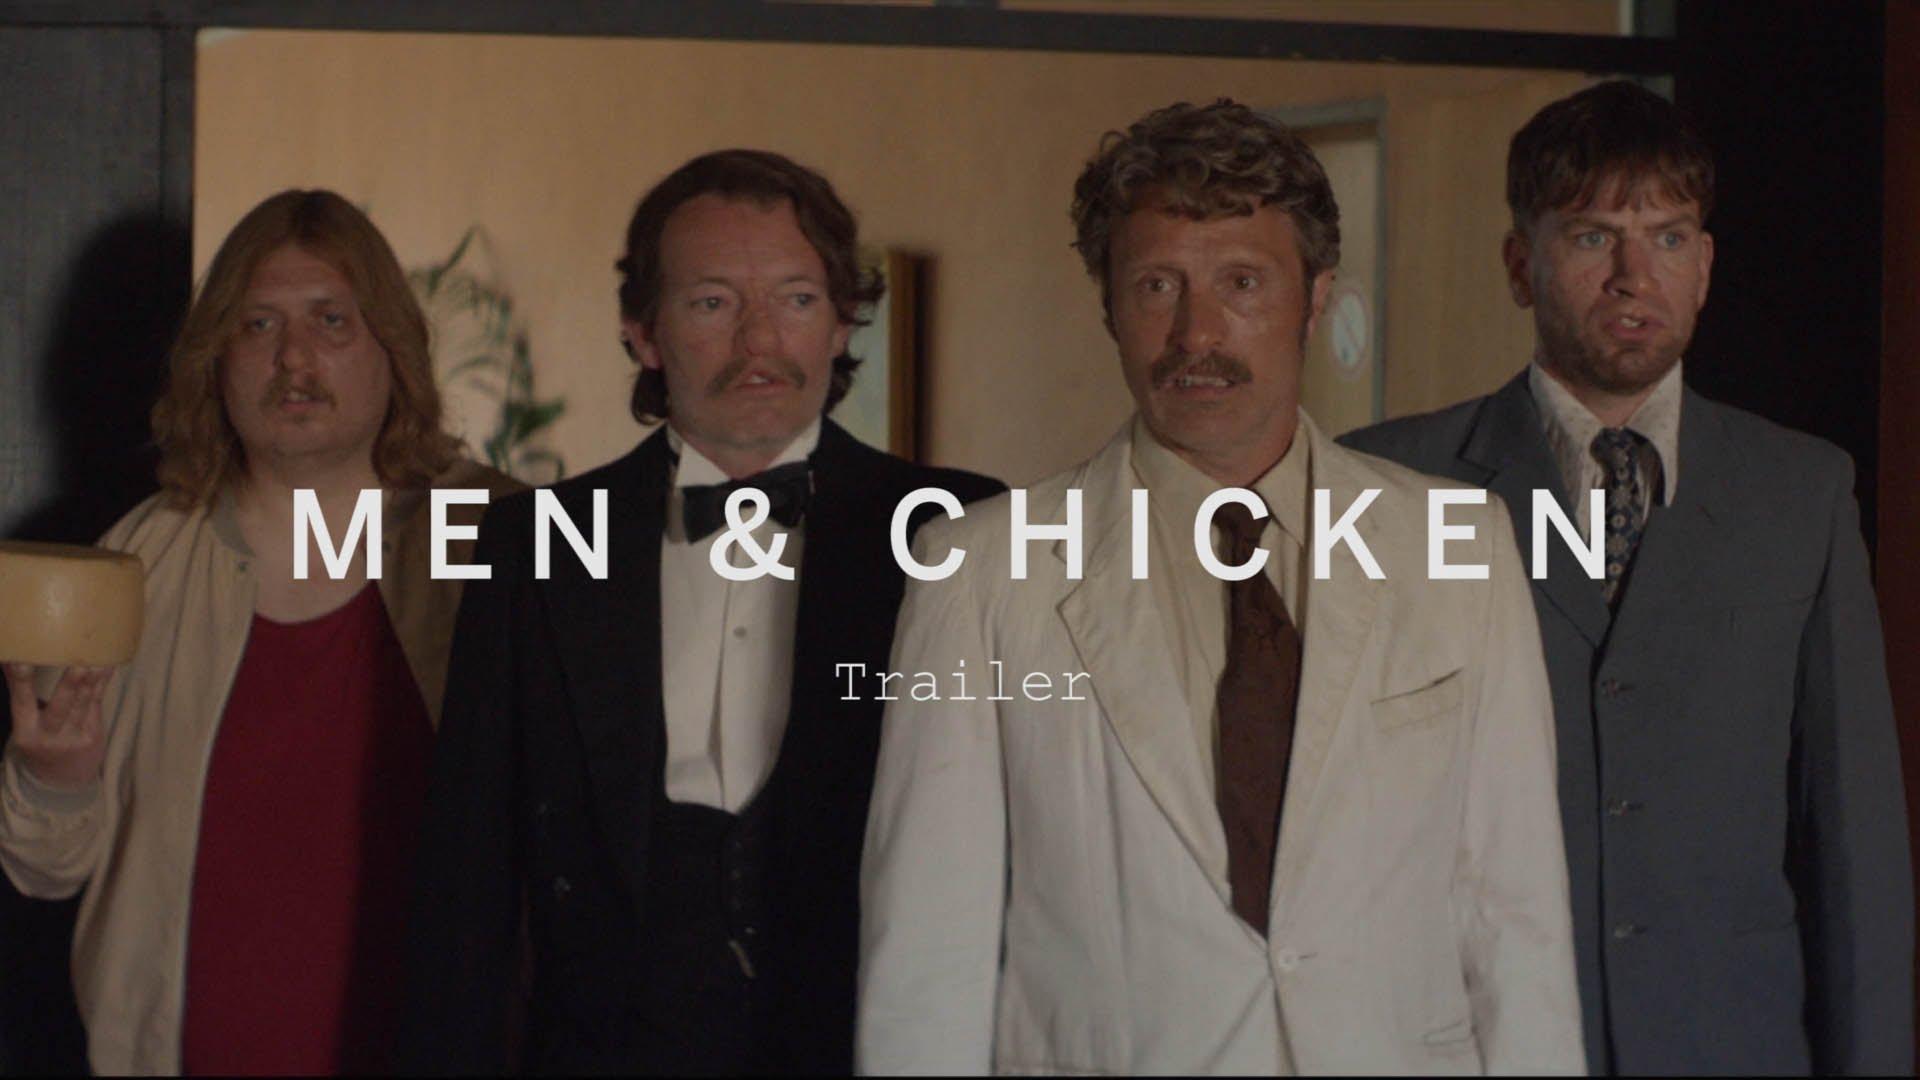 Men & Chicken (2015) video/trailer